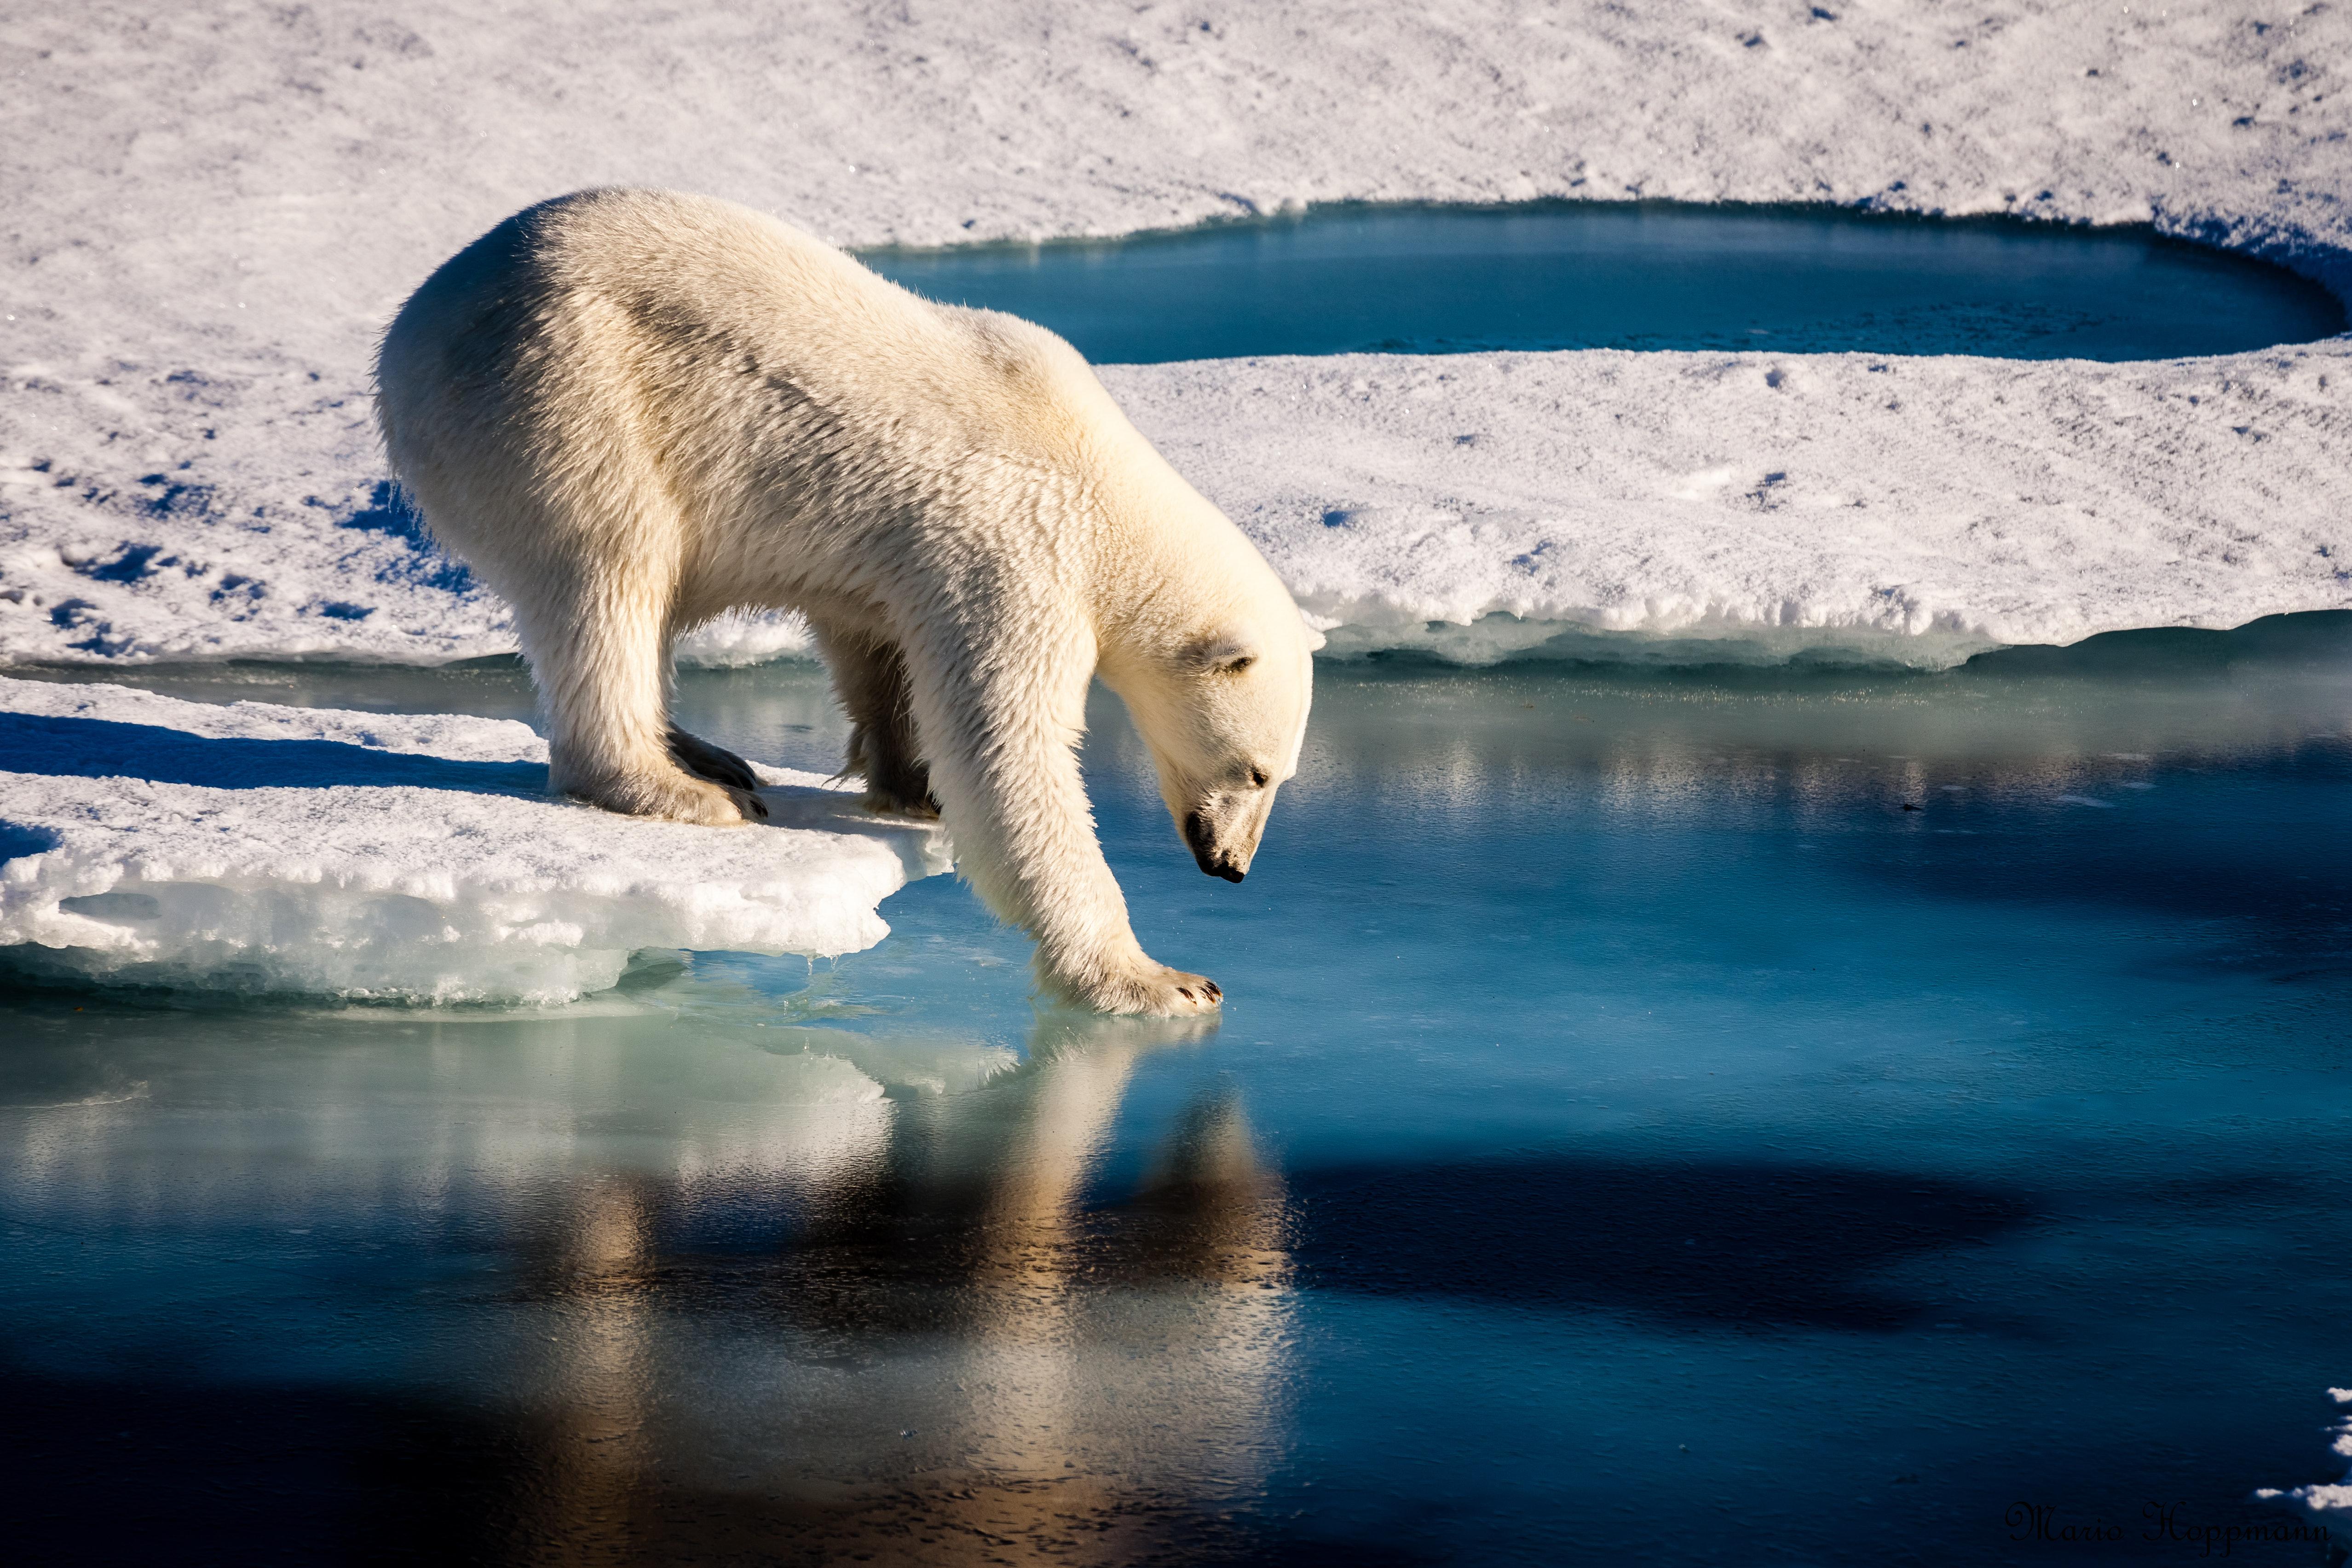 Urso polar testa a firmeza da fina camada de gelo no Ártico (Foto AFP/European Geosciences Union / Mario Hoppmann